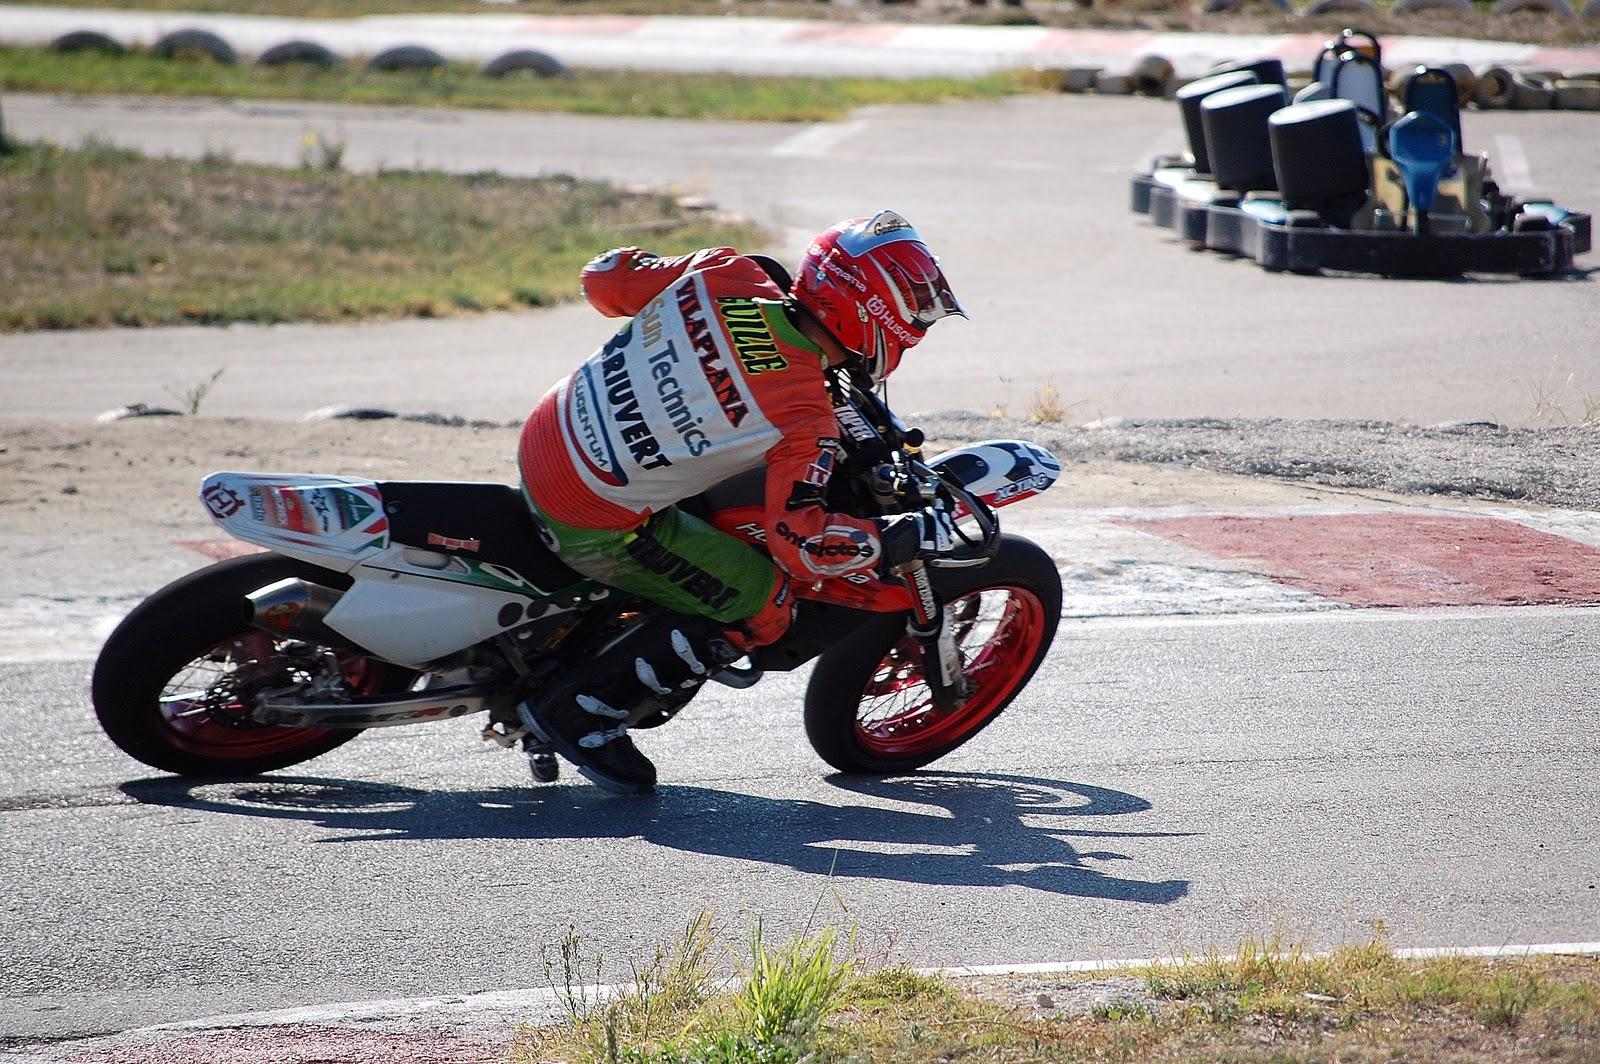 Circuito De Alcarras : Gas motos primera prueba del campeonato de españa de supermotard